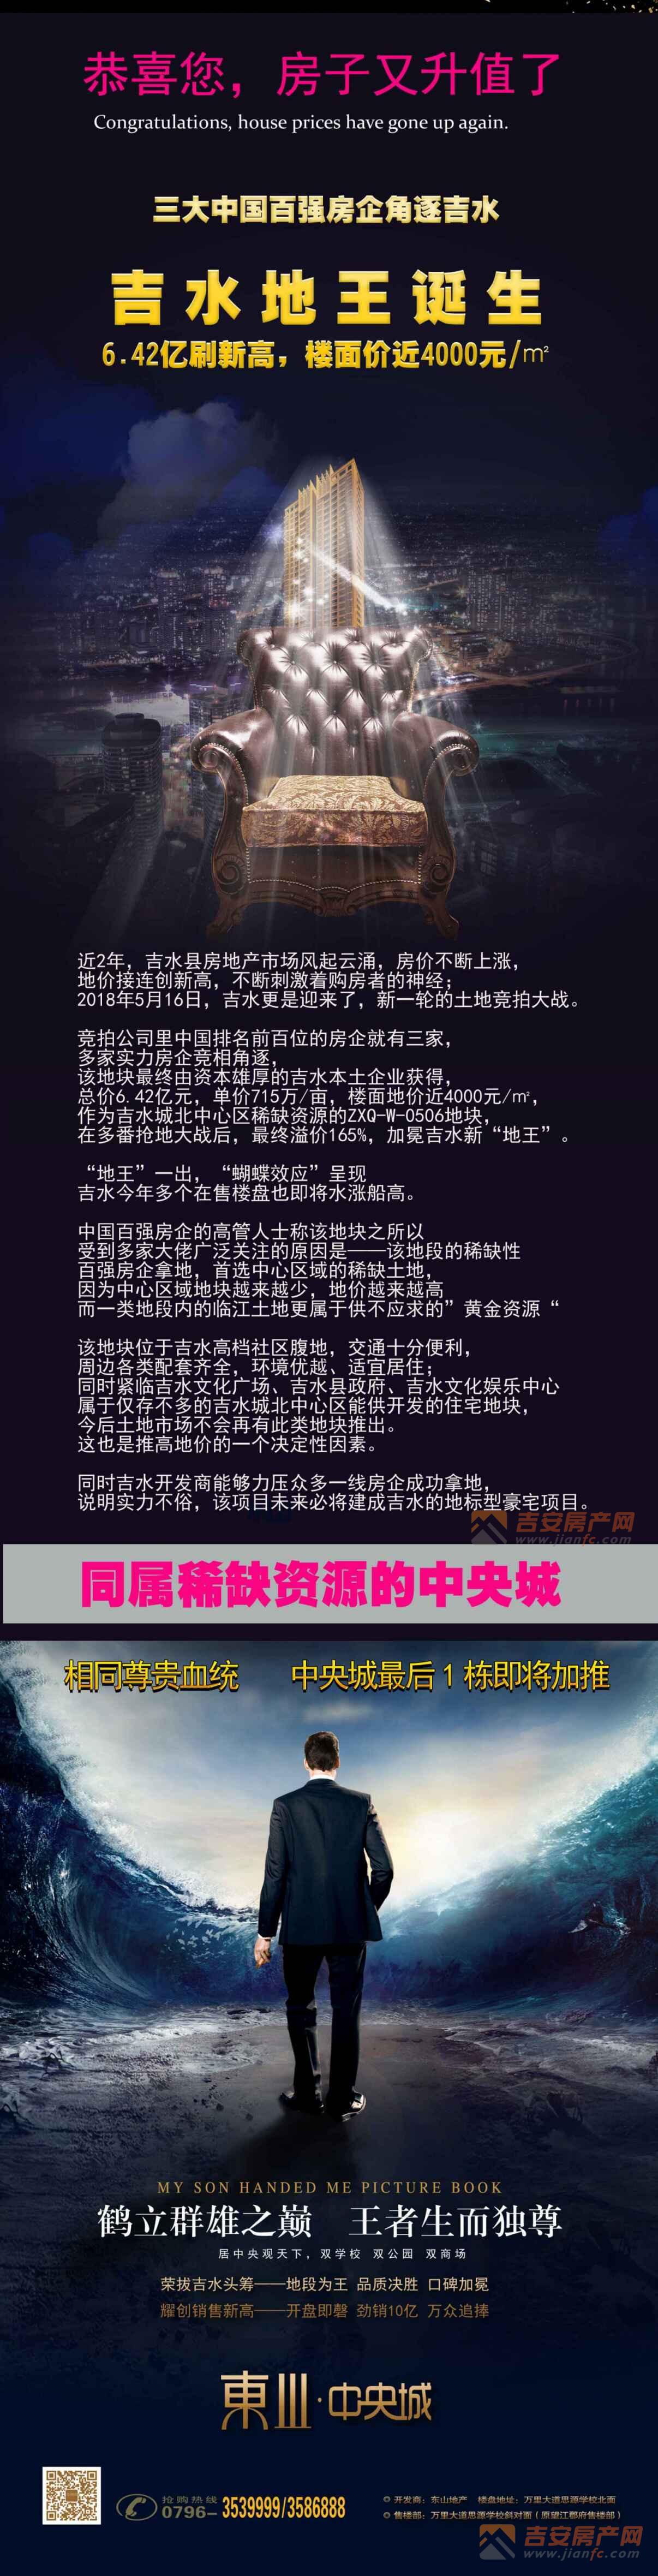 江城足球网的微博_微博华夏棋牌官方下载_华夏棋牌官方下载官网_【官网唯一网站】>>>欢迎.